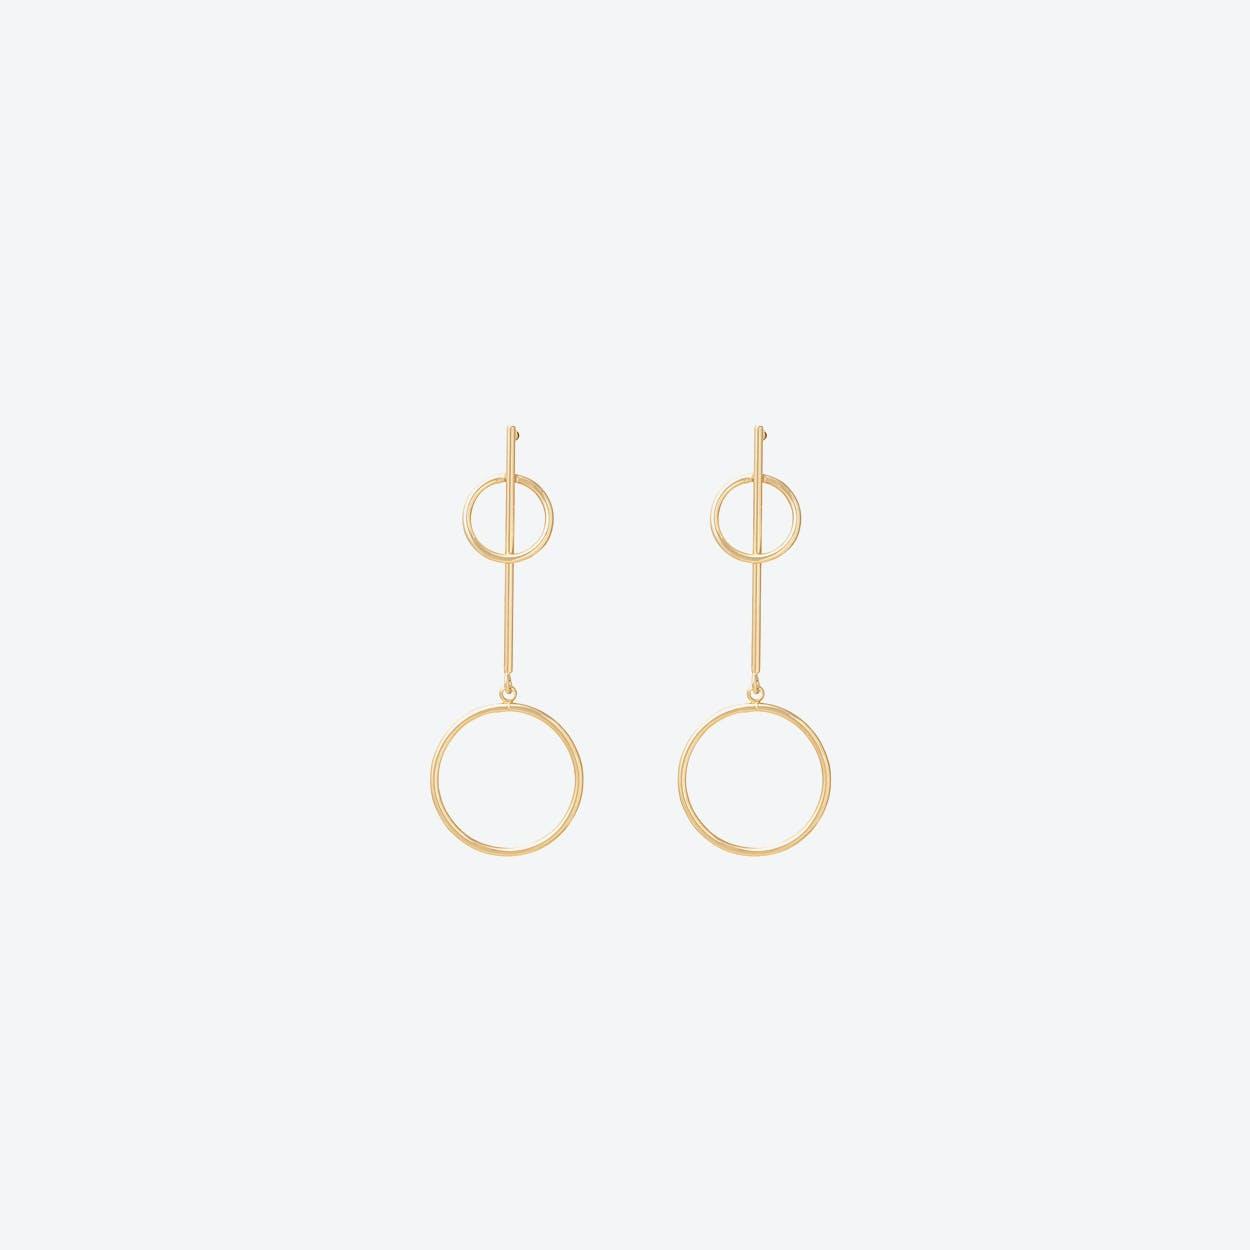 Long Drop Double Ring Earrings